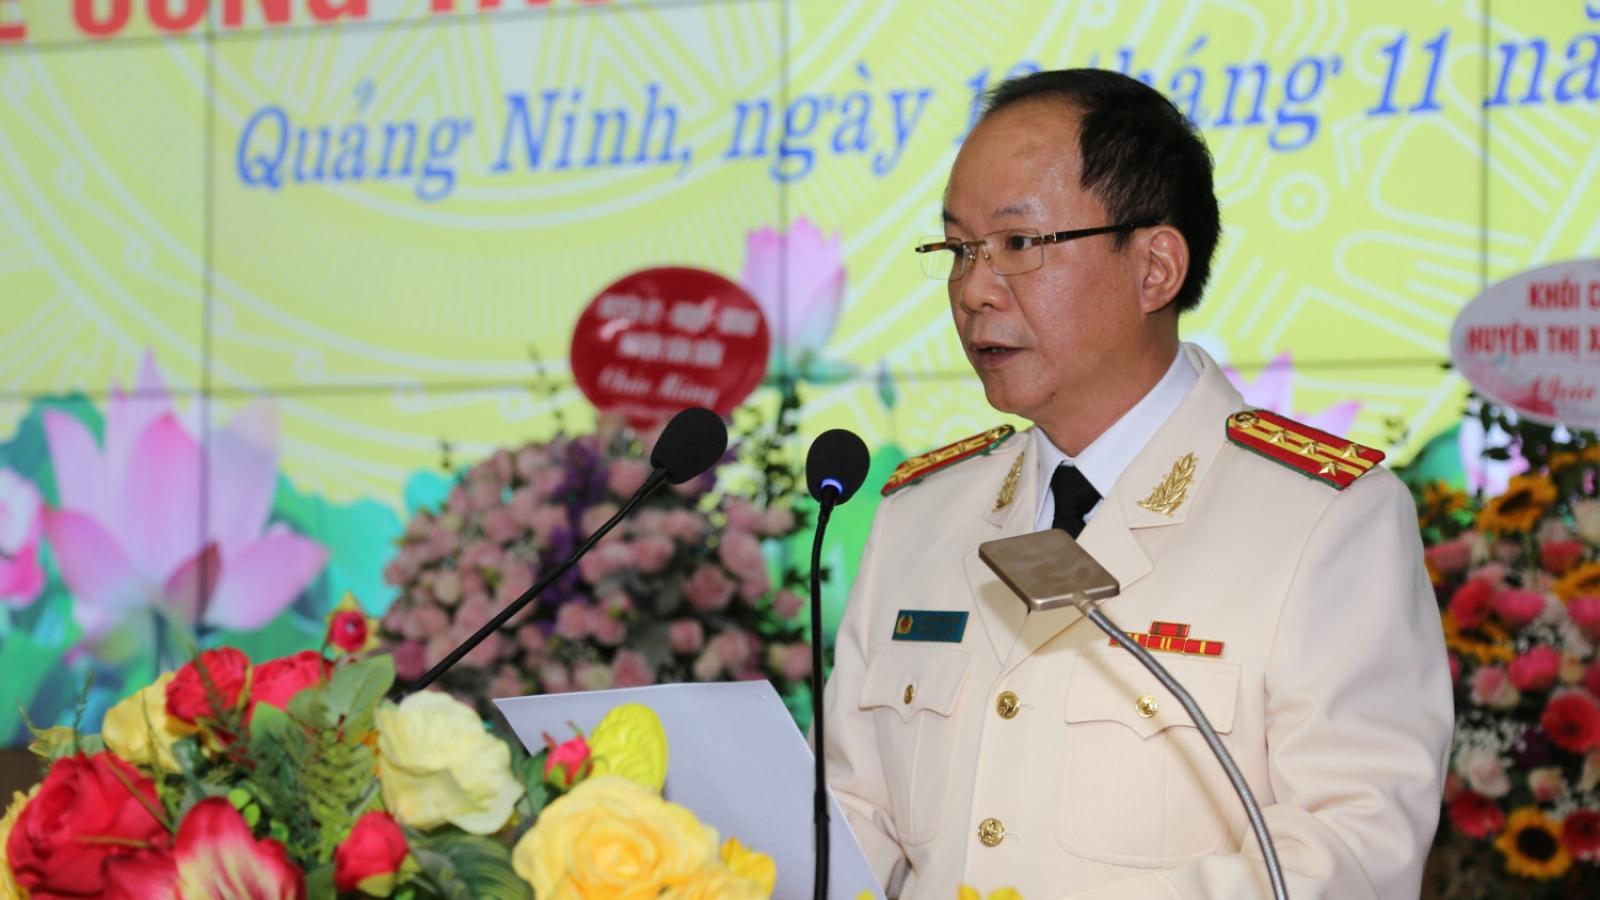 Trưởng Công an huyện Vân Đồn được bổ nhiệm làm PGĐ Công an tỉnh Quảng Ninh